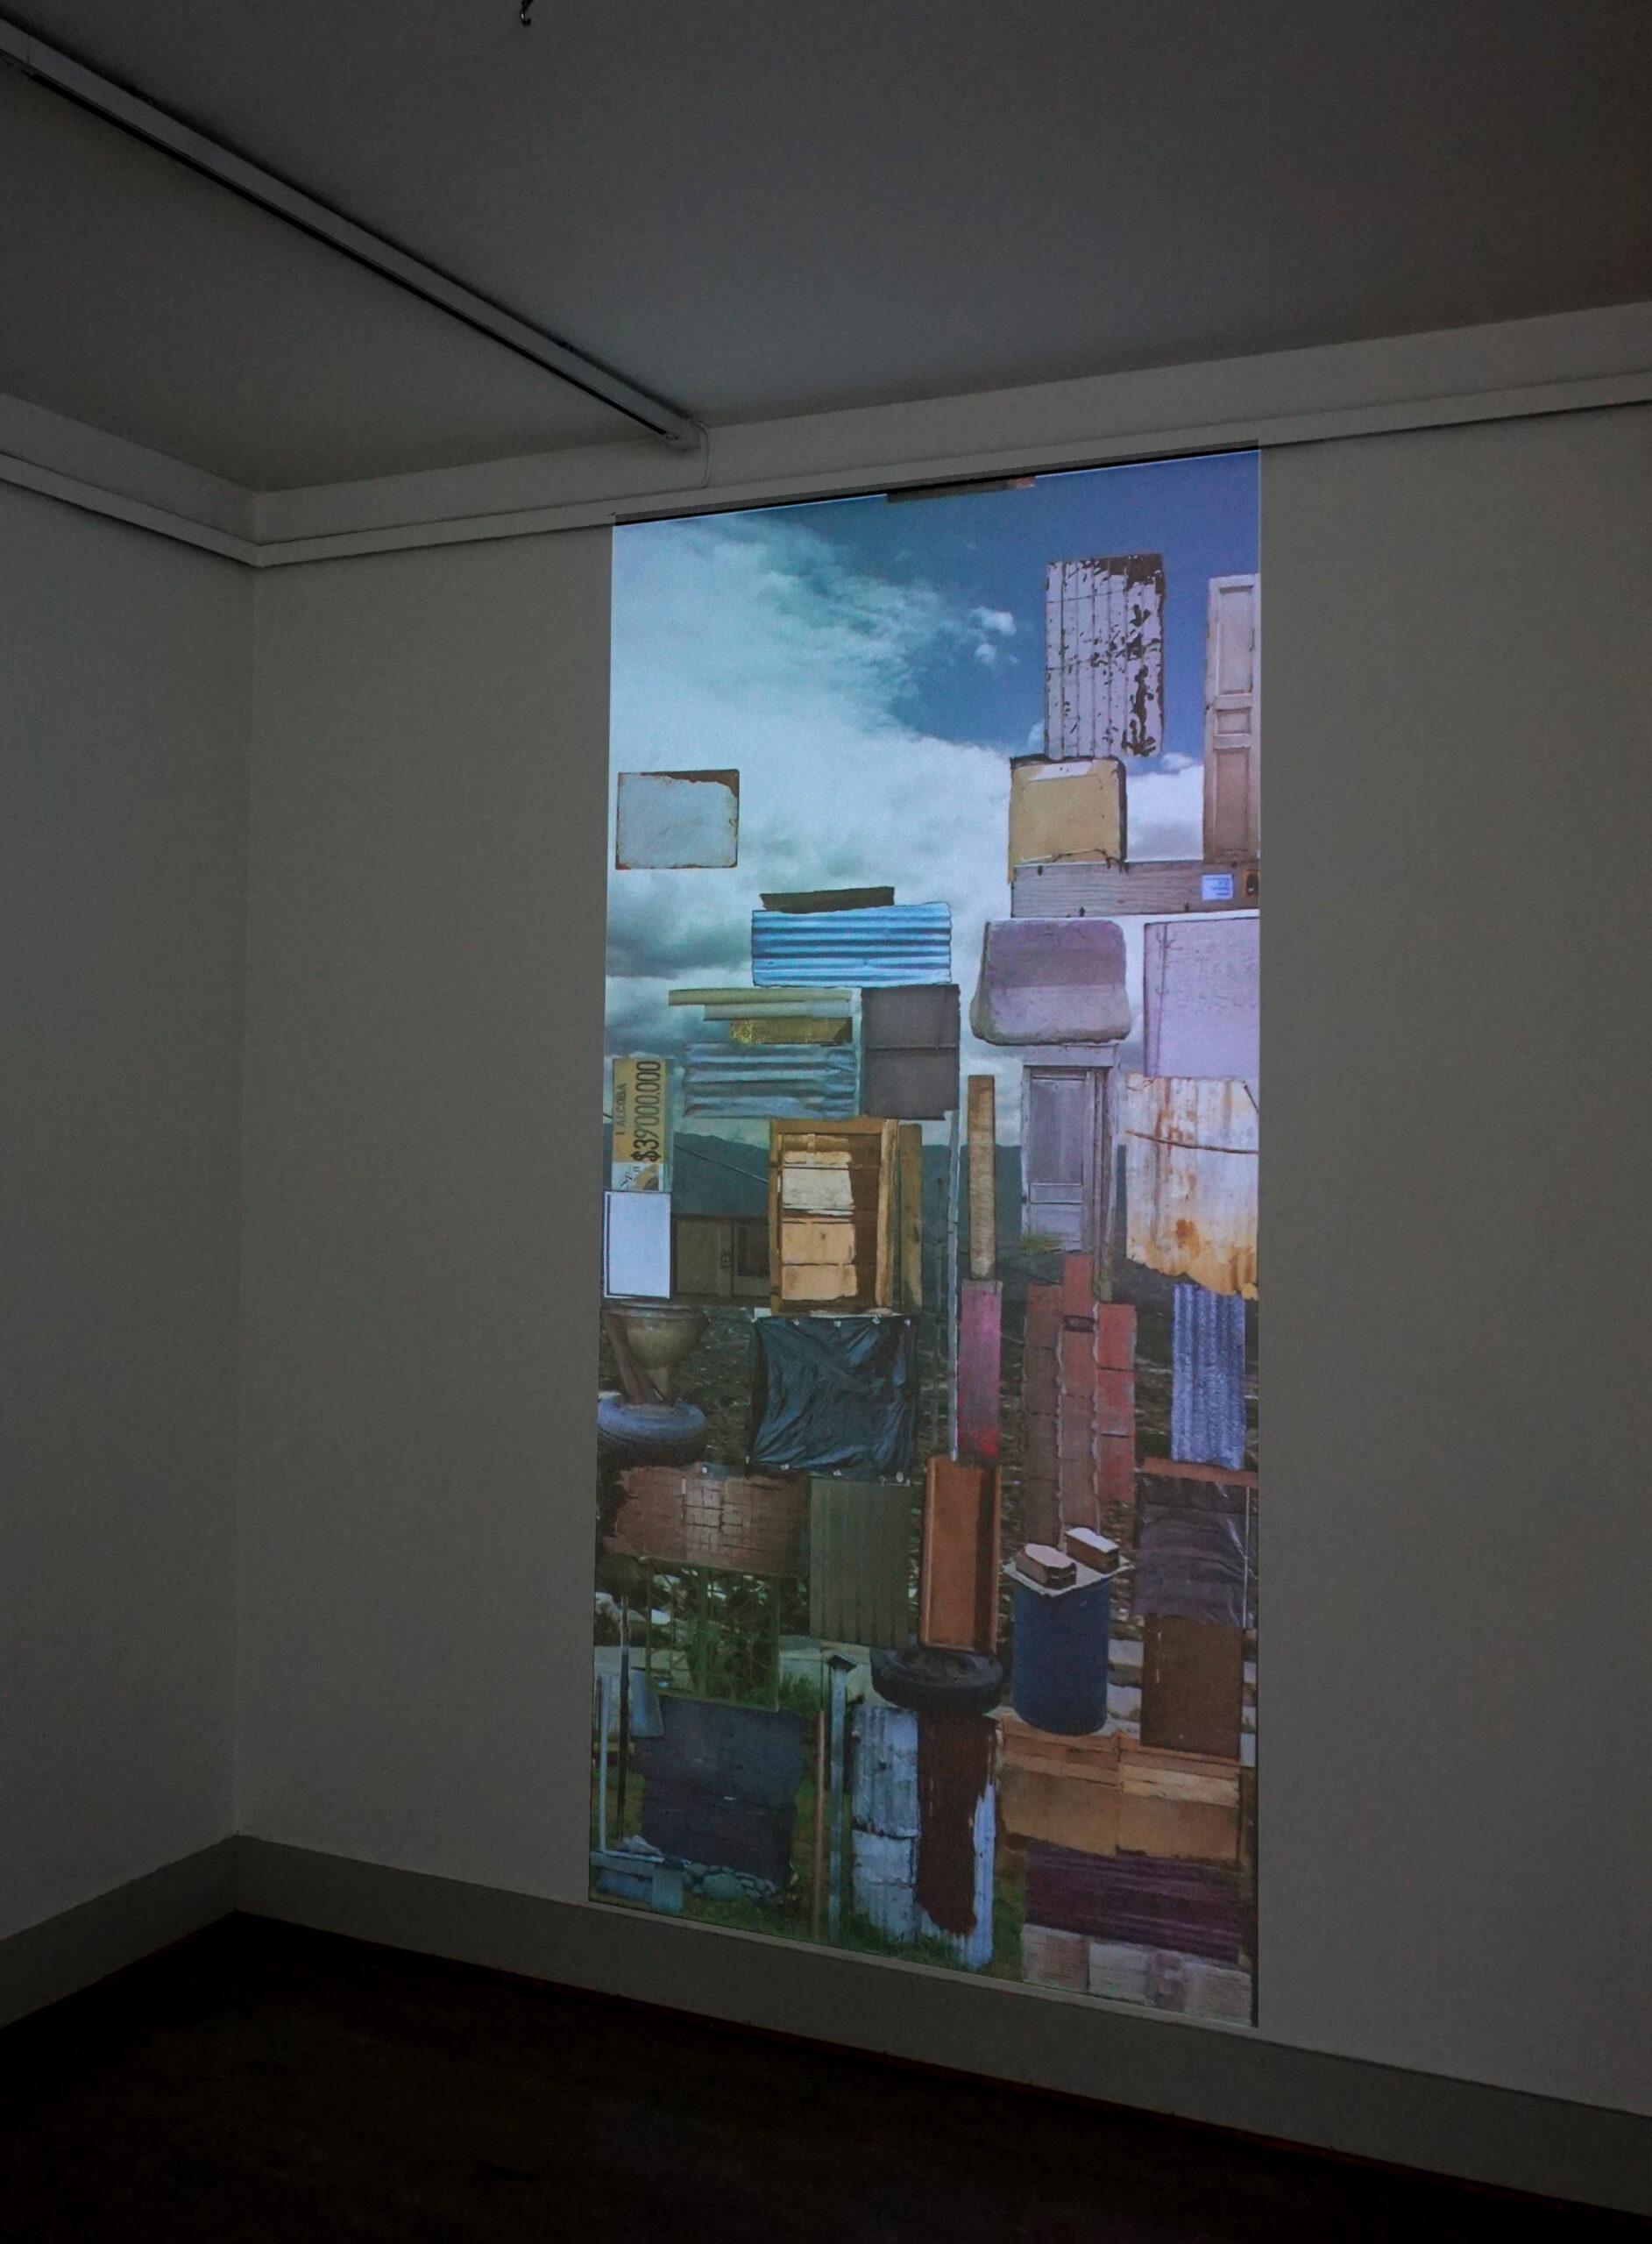 Arquitectura vernácula, 2010. Animación digital 5:10. Museo Läns, Örebro, SU